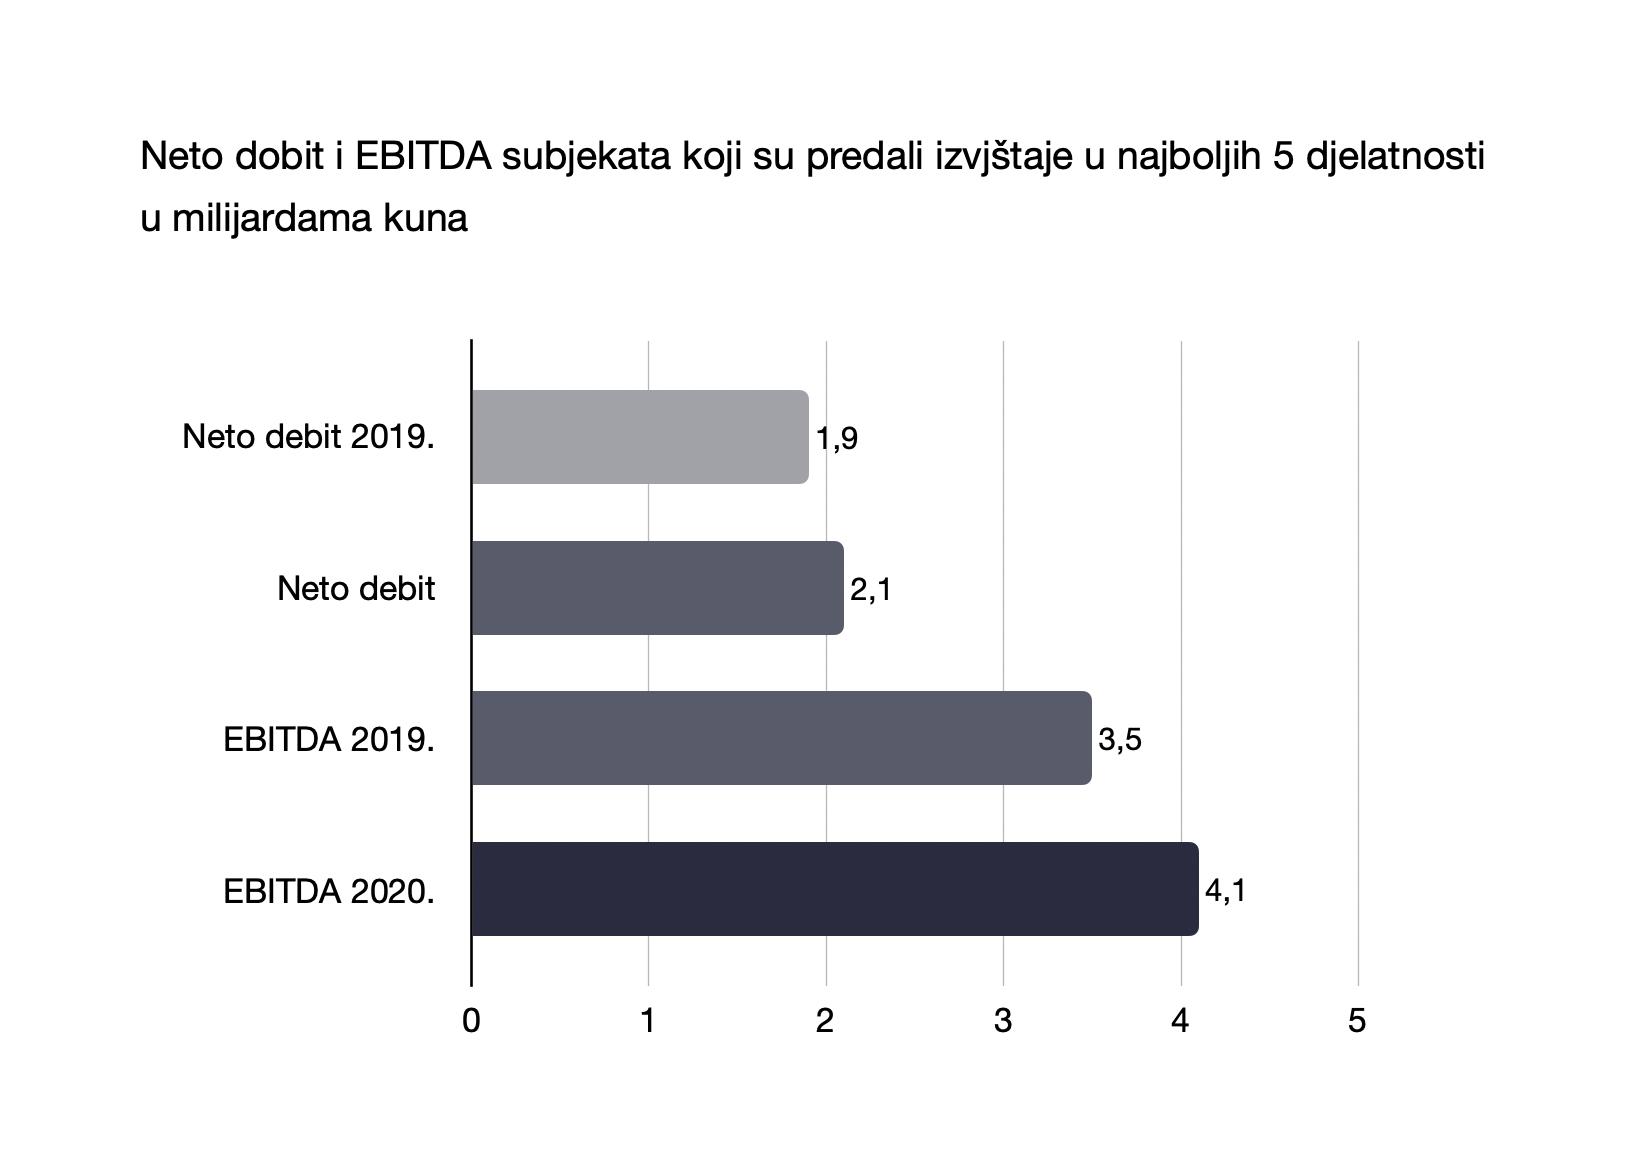 Neto dobit i EBITDA subjekata koji su predali izvjštaje u najboljih 5 djelatnosti u milijardama kuna